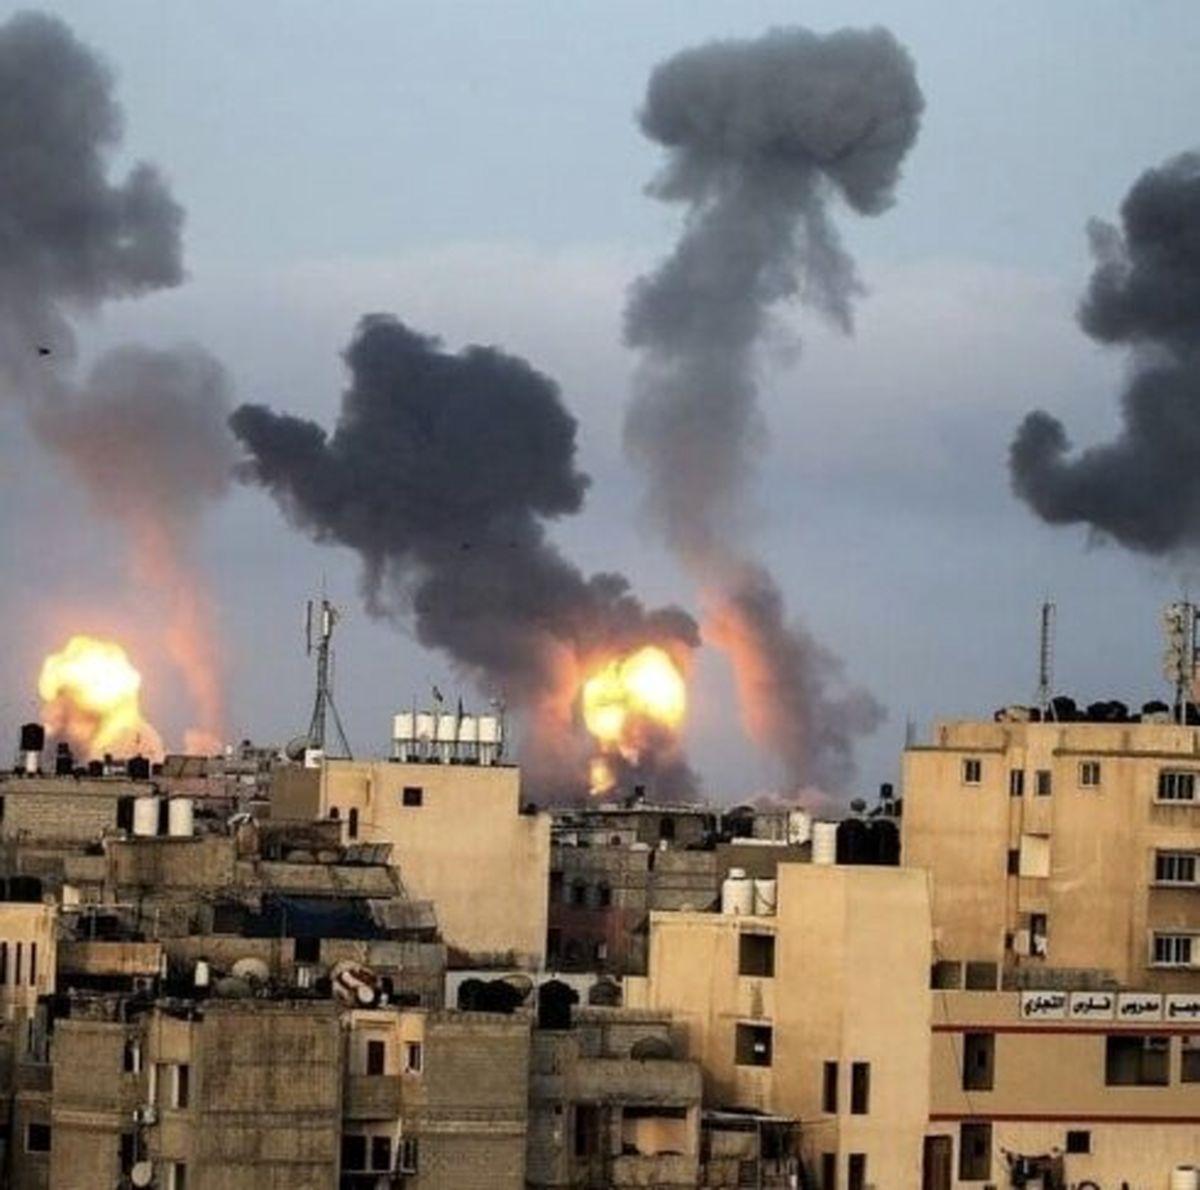 ارتش صهیونیستی بانک اهدافش را در غزه مشخص کرد